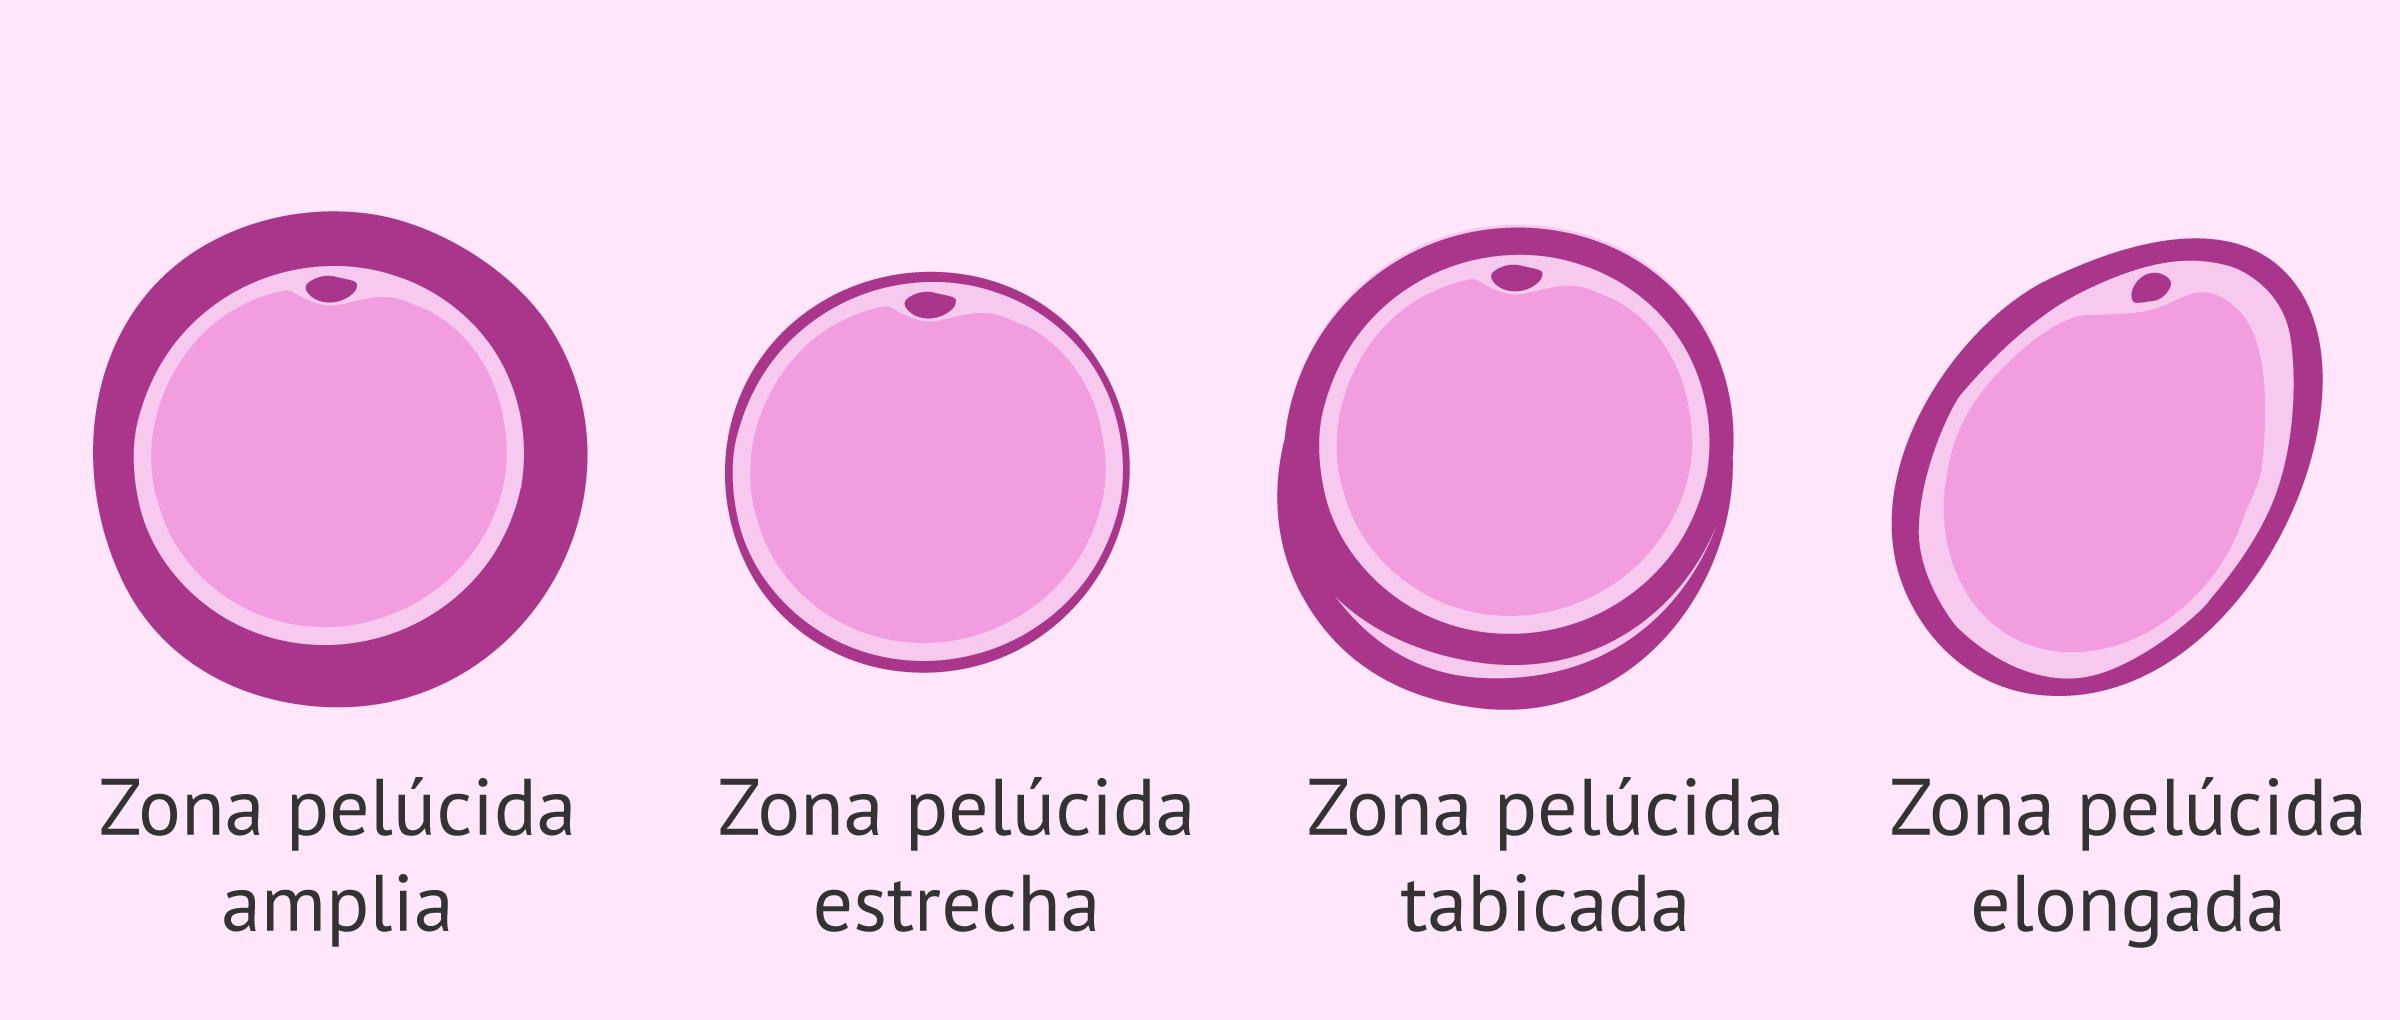 Alteraciones de la zona pelúcida en los ovocitos